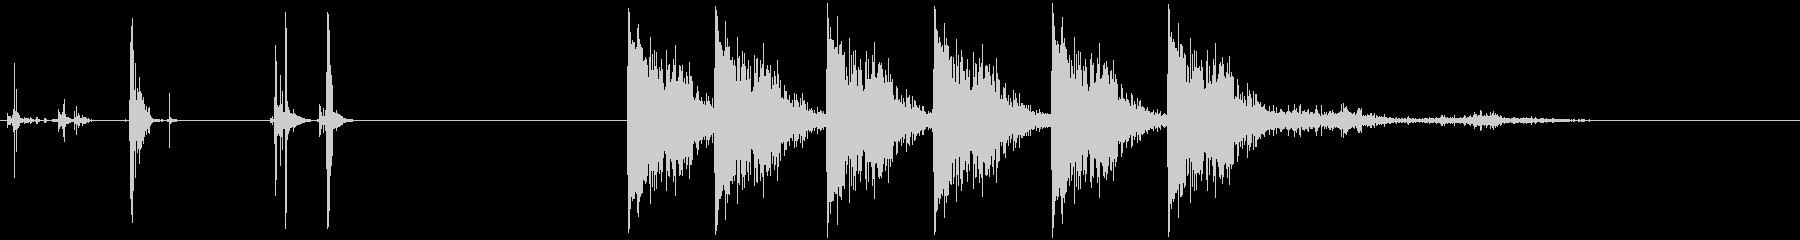 半自動ピストル:ロードガン、FIR...の未再生の波形